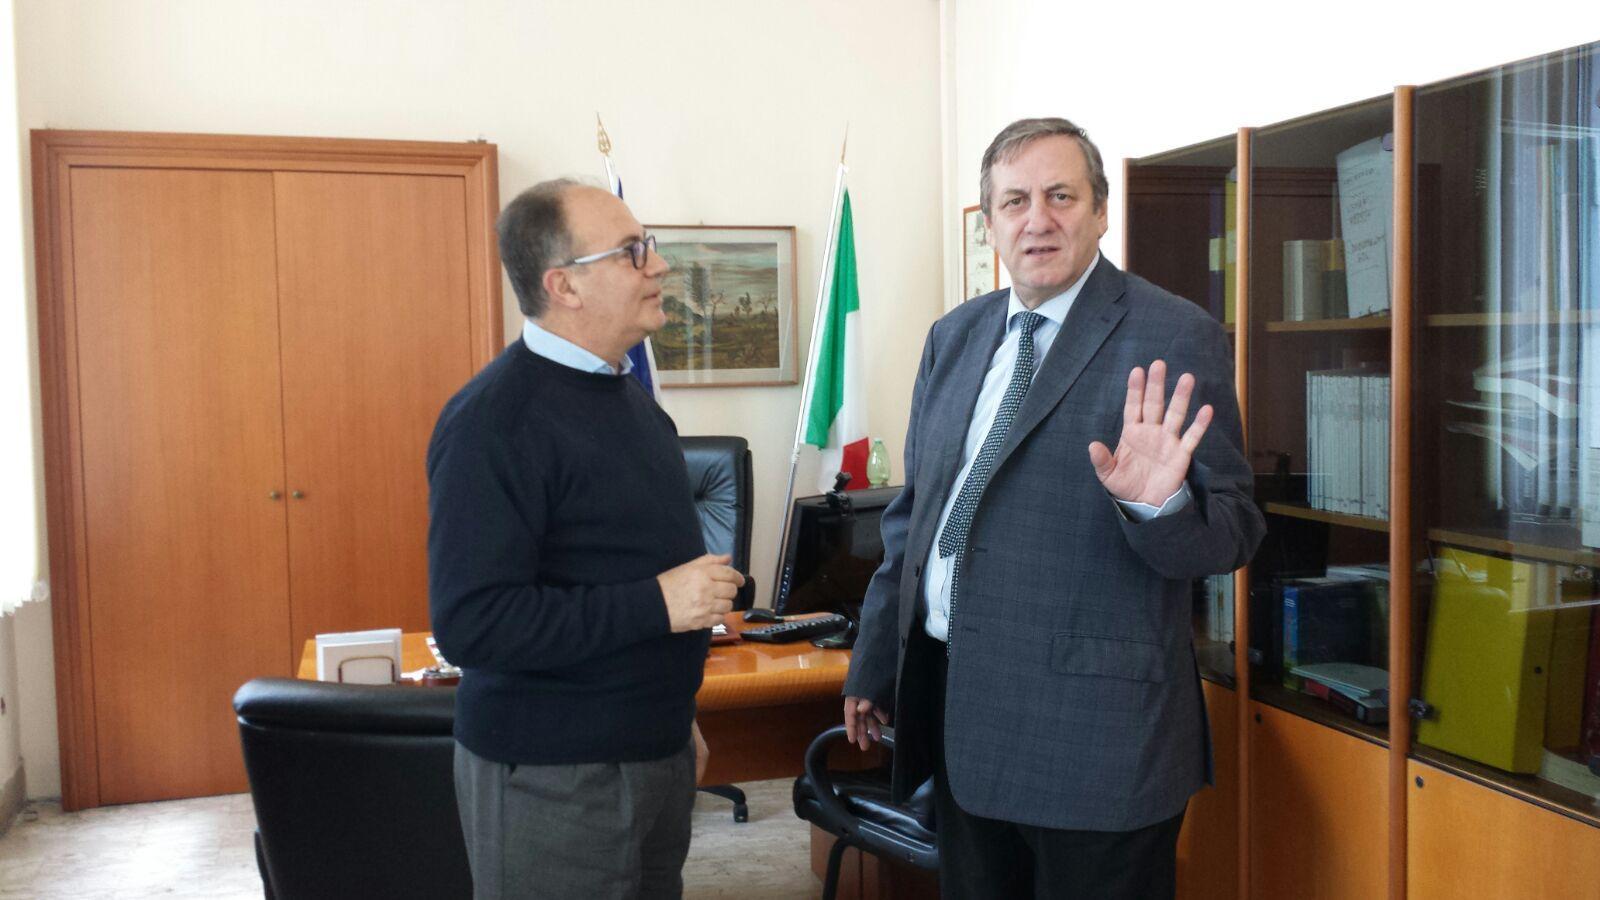 Il Capitano Ciro Esposito, incontra il dottore Salzano su problema cassa marittima a Torre del Greco